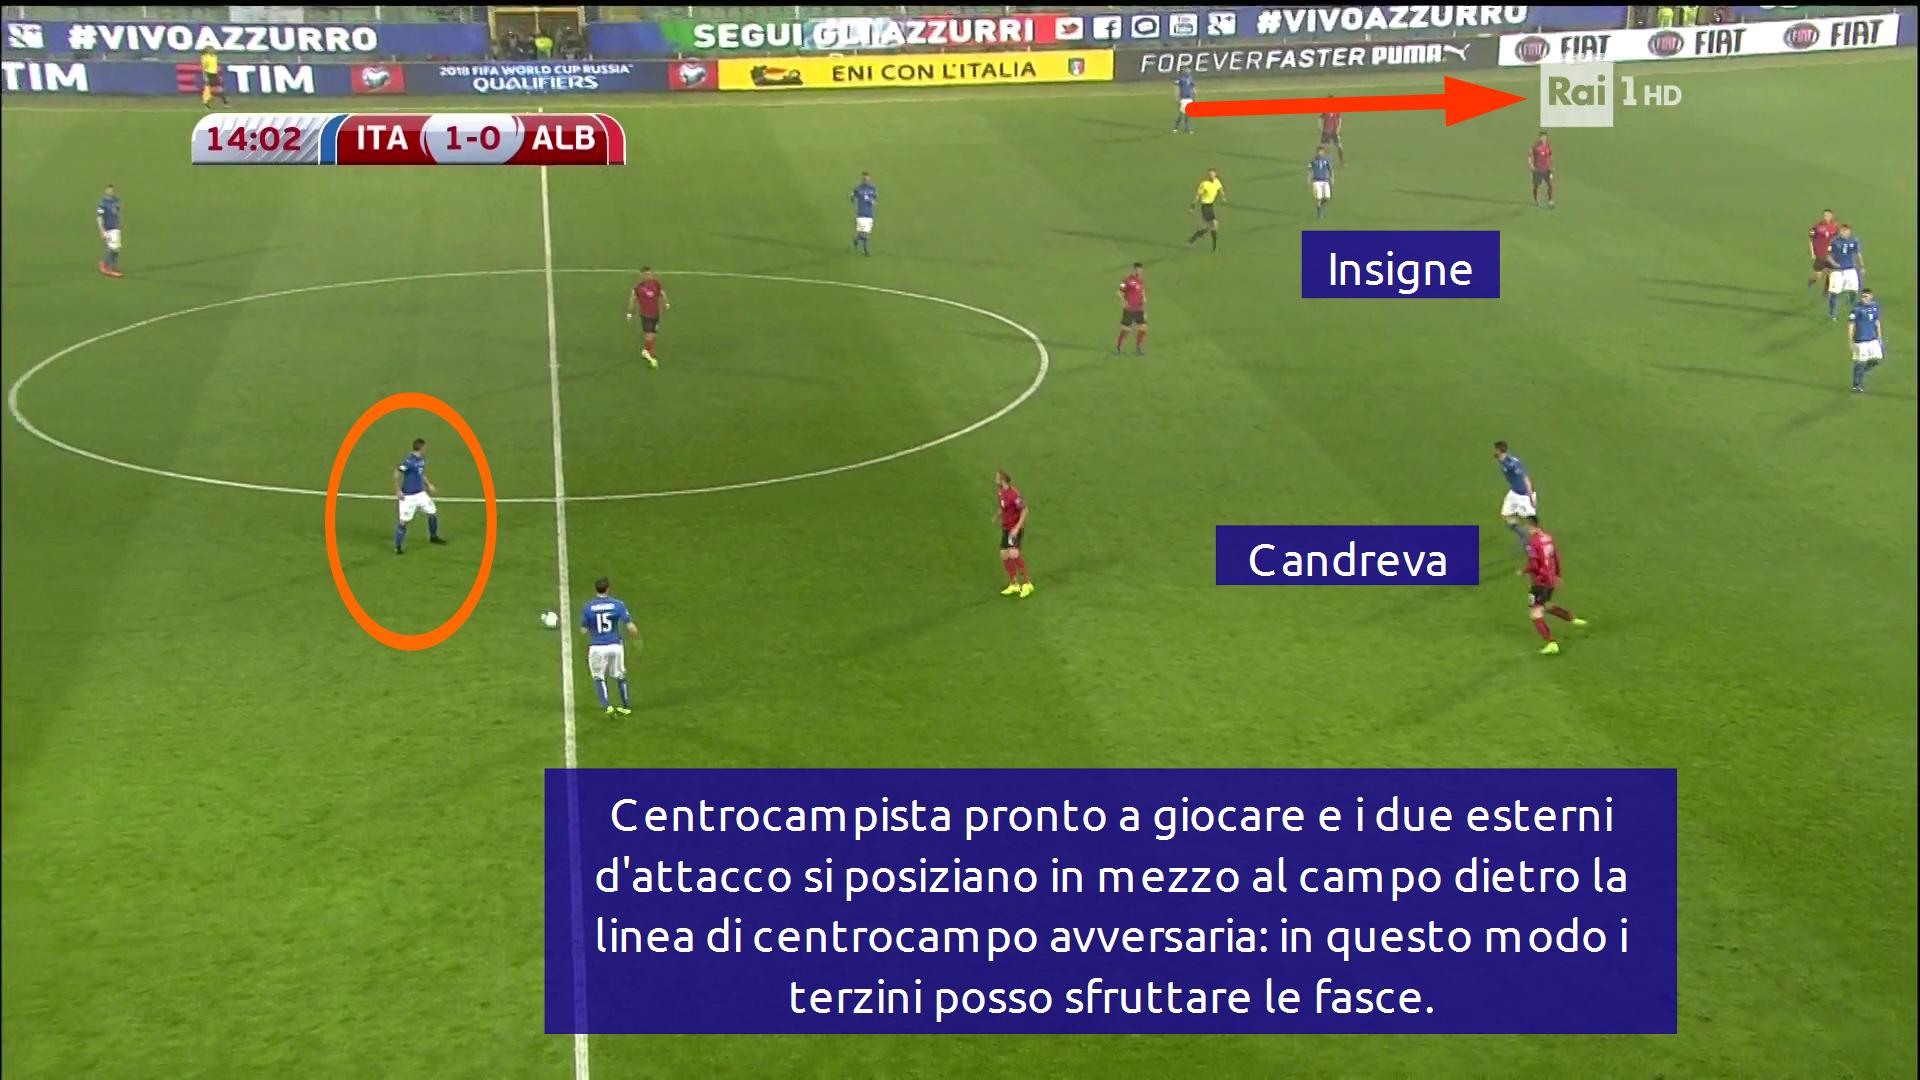 gli esterni d'attacco dell'Italia di ventura vengono a giocare in mezzo al campo